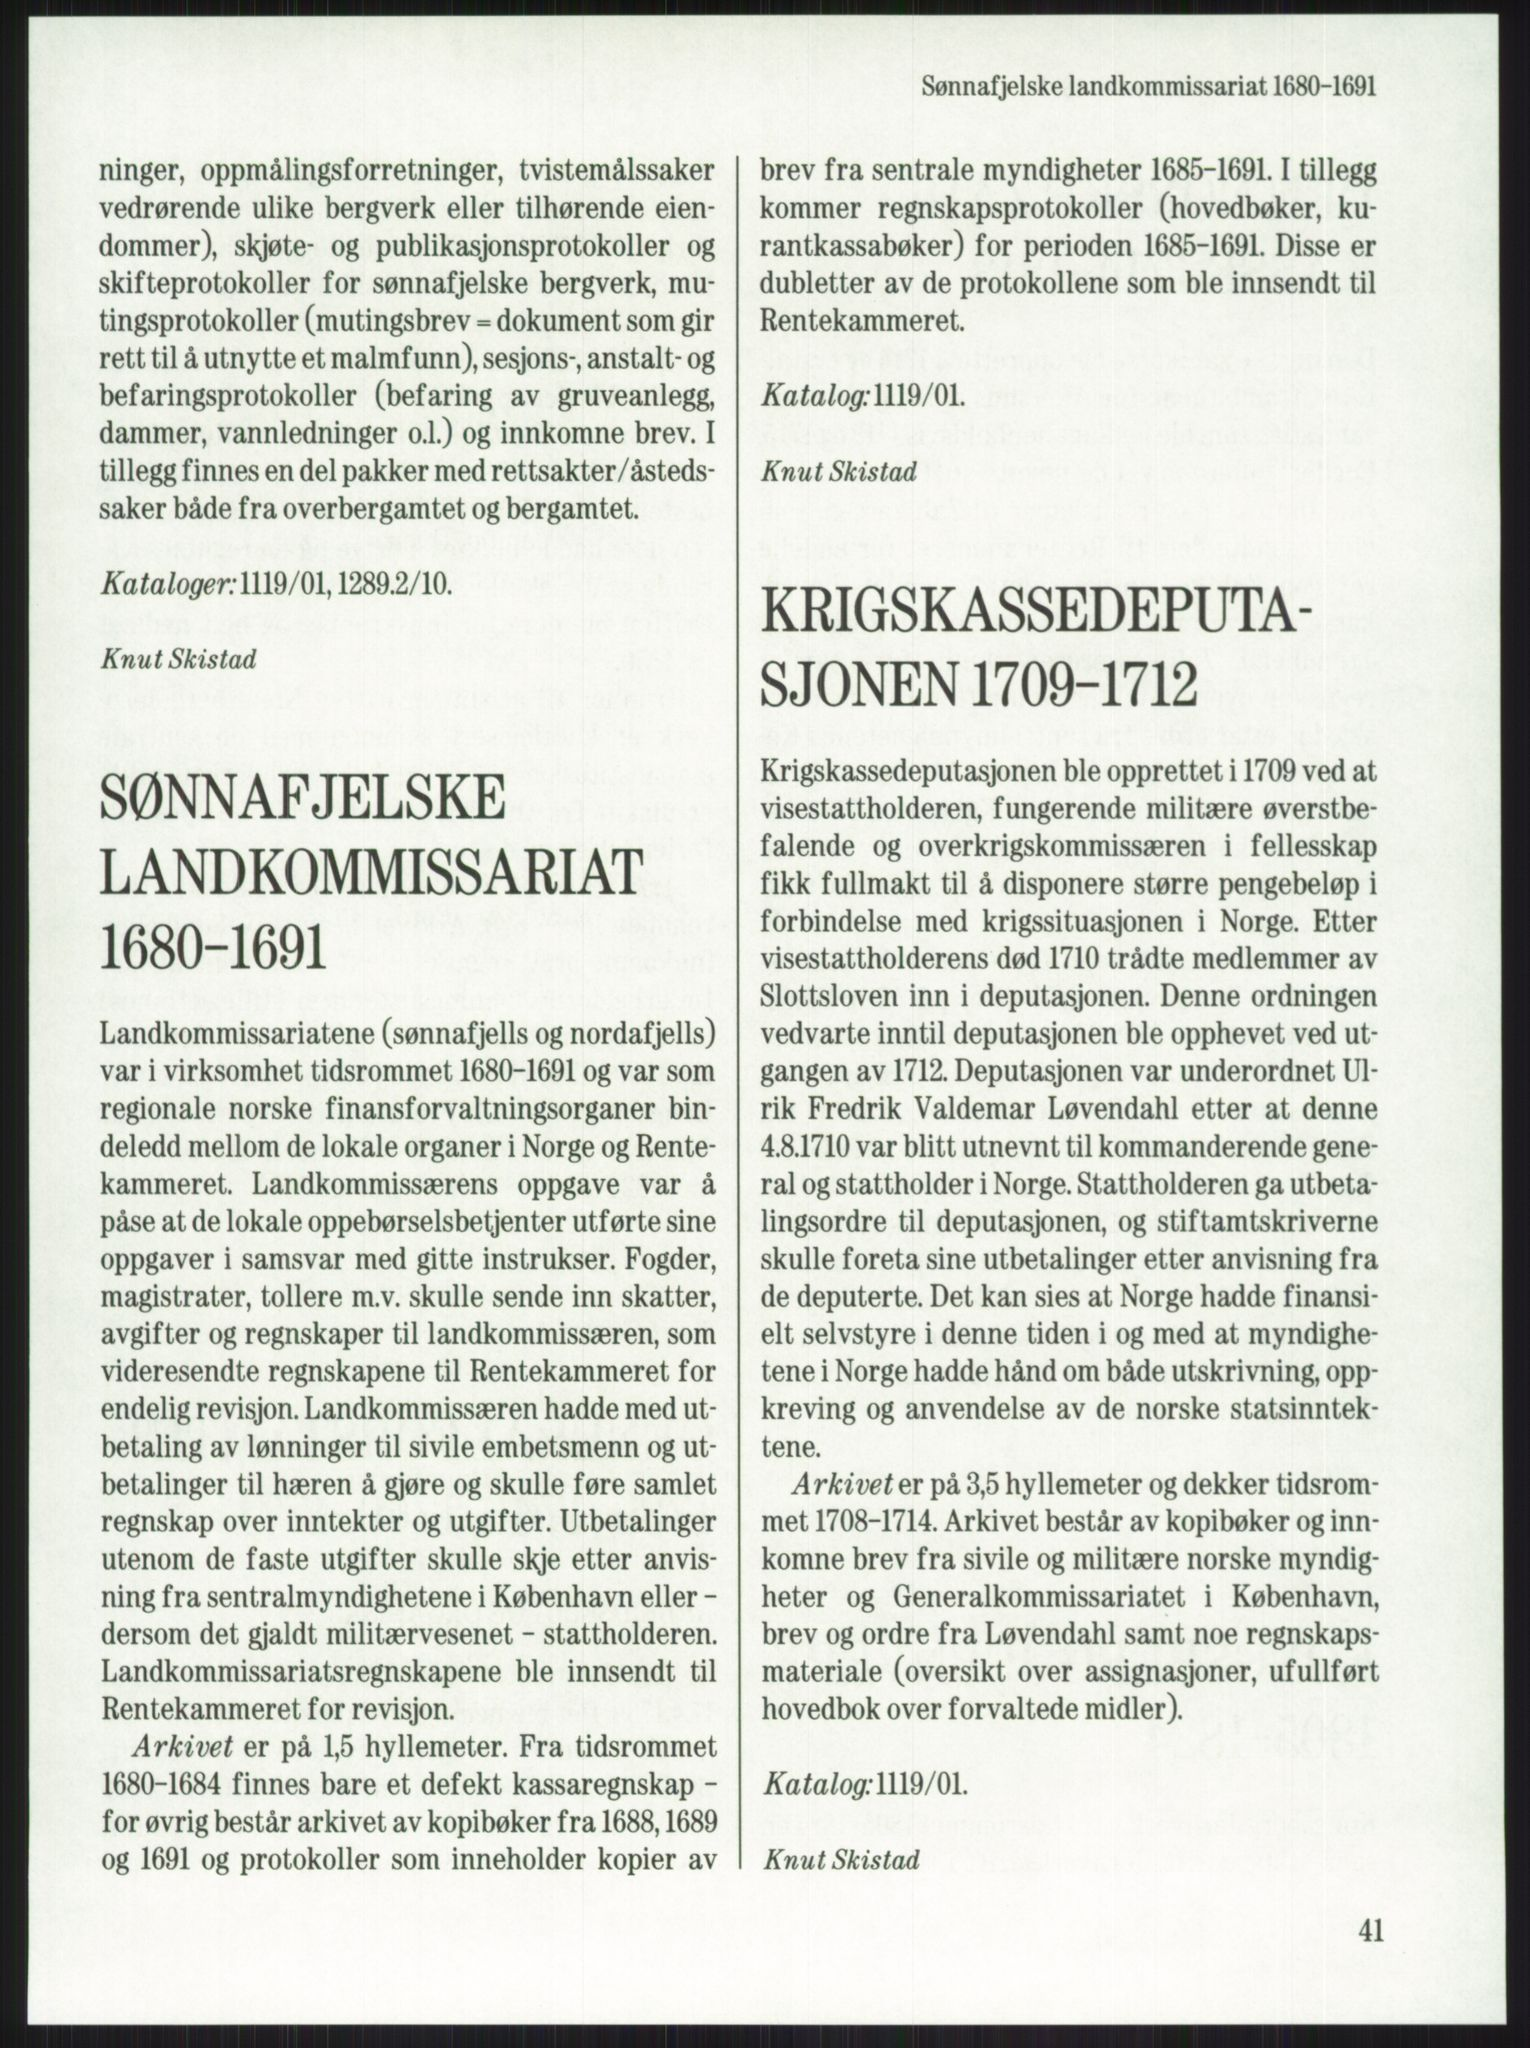 PUBL, Publikasjoner utgitt av Arkivverket, -/-: Knut Johannessen, Ole Kolsrud og Dag Mangset (red.): Håndbok for Riksarkivet (1992), p. 41